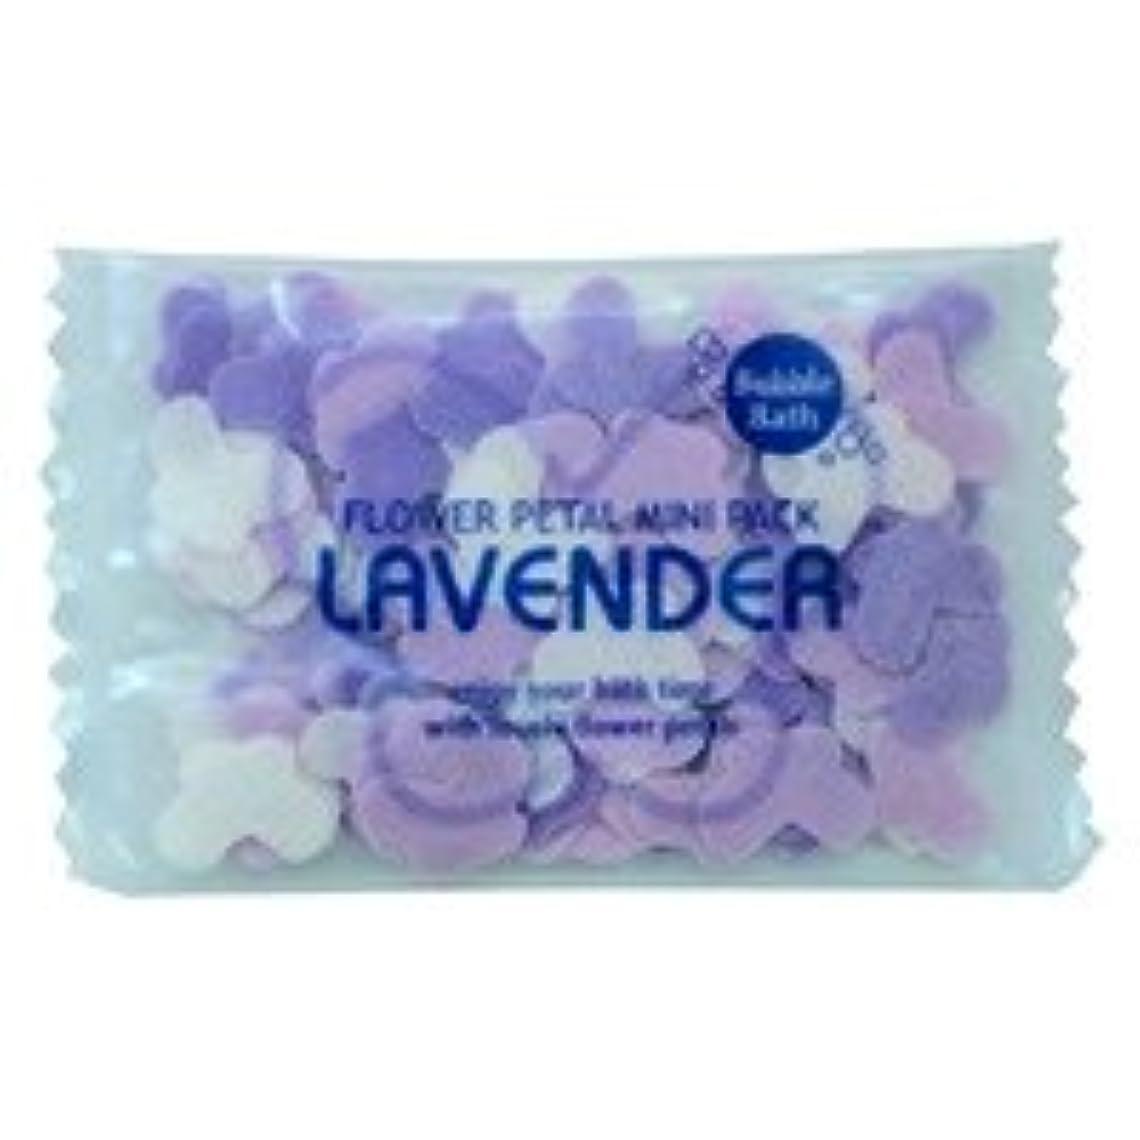 差別的絡まる自発フラワーペタル バブルバス ミニパック「ラベンダー」20個セット ゆったりリラックスしたい日に心を癒してくれるやさしいラベンダーの香り